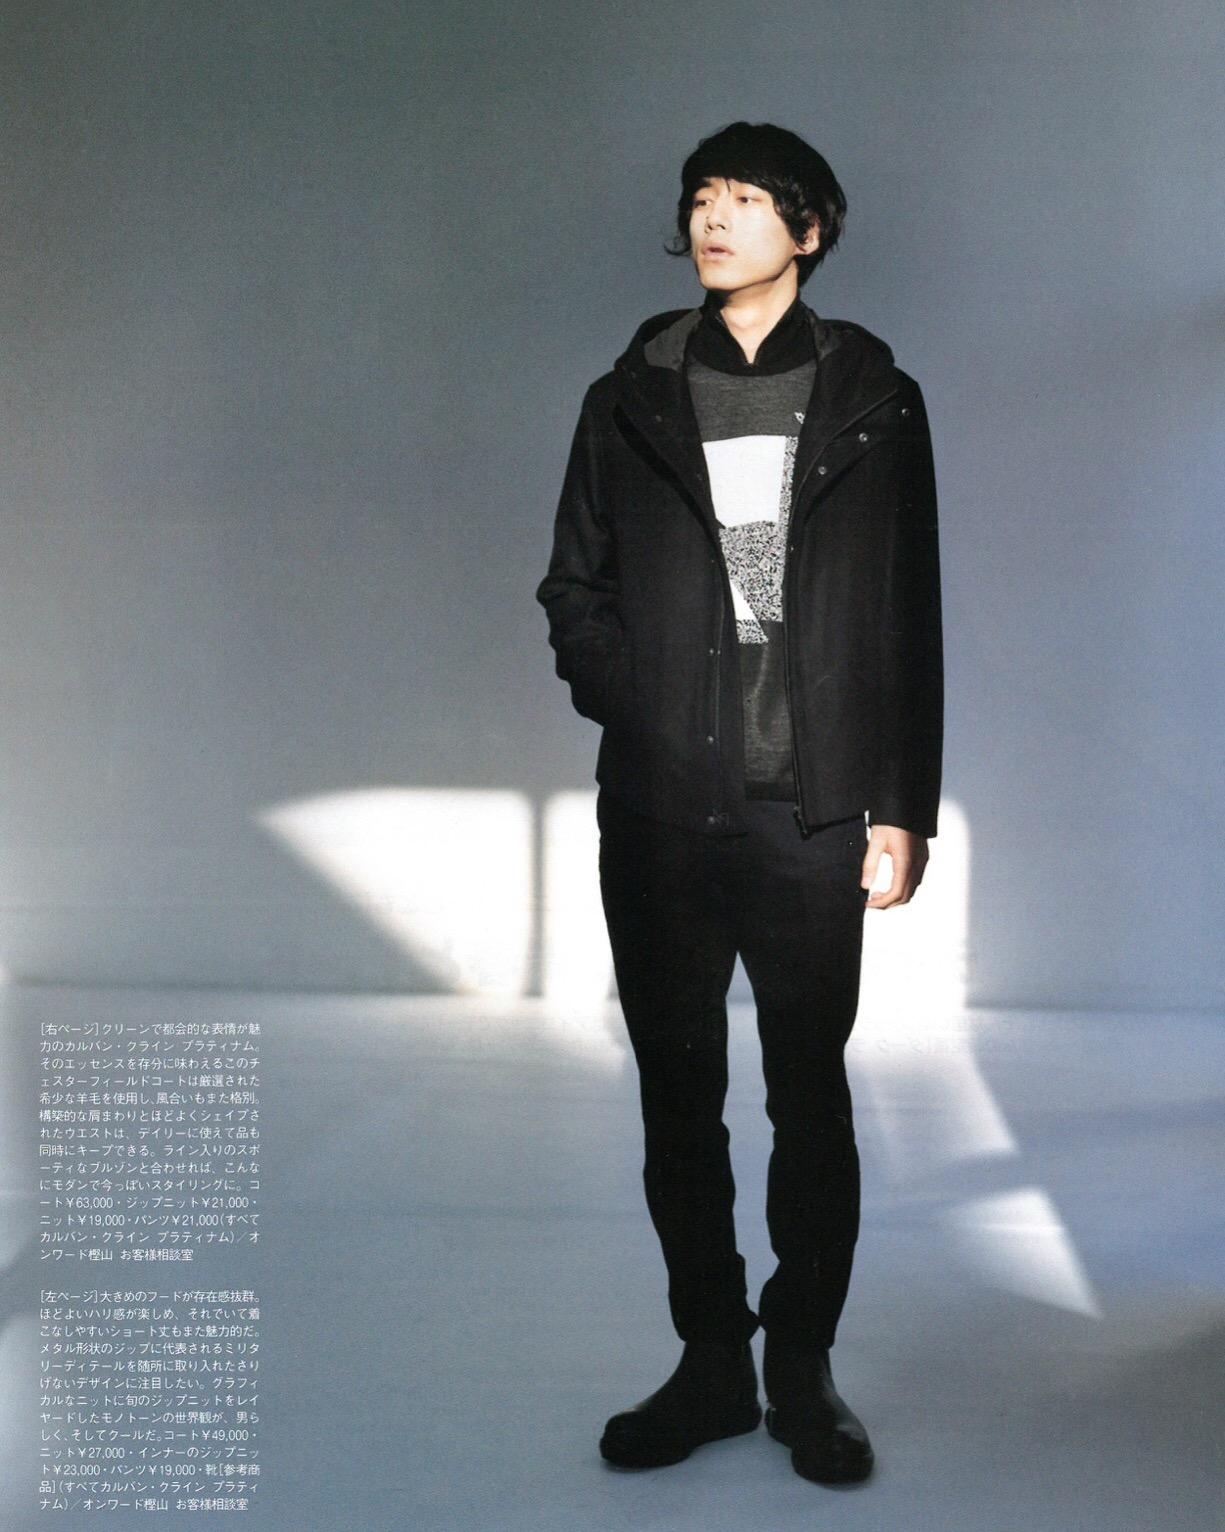 坂口 健太郎